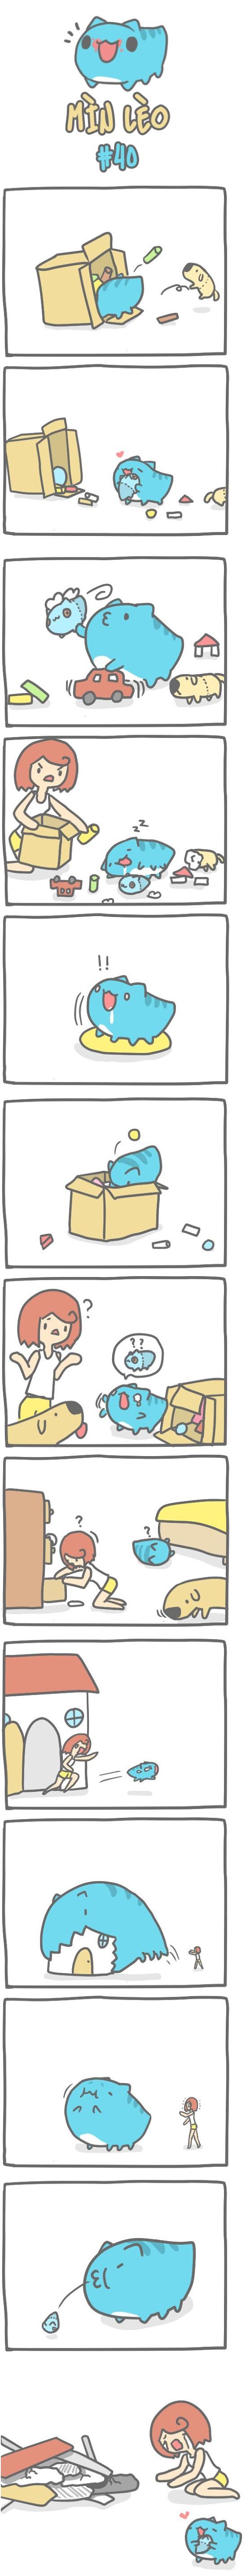 Truyện Mìn Lèo #40